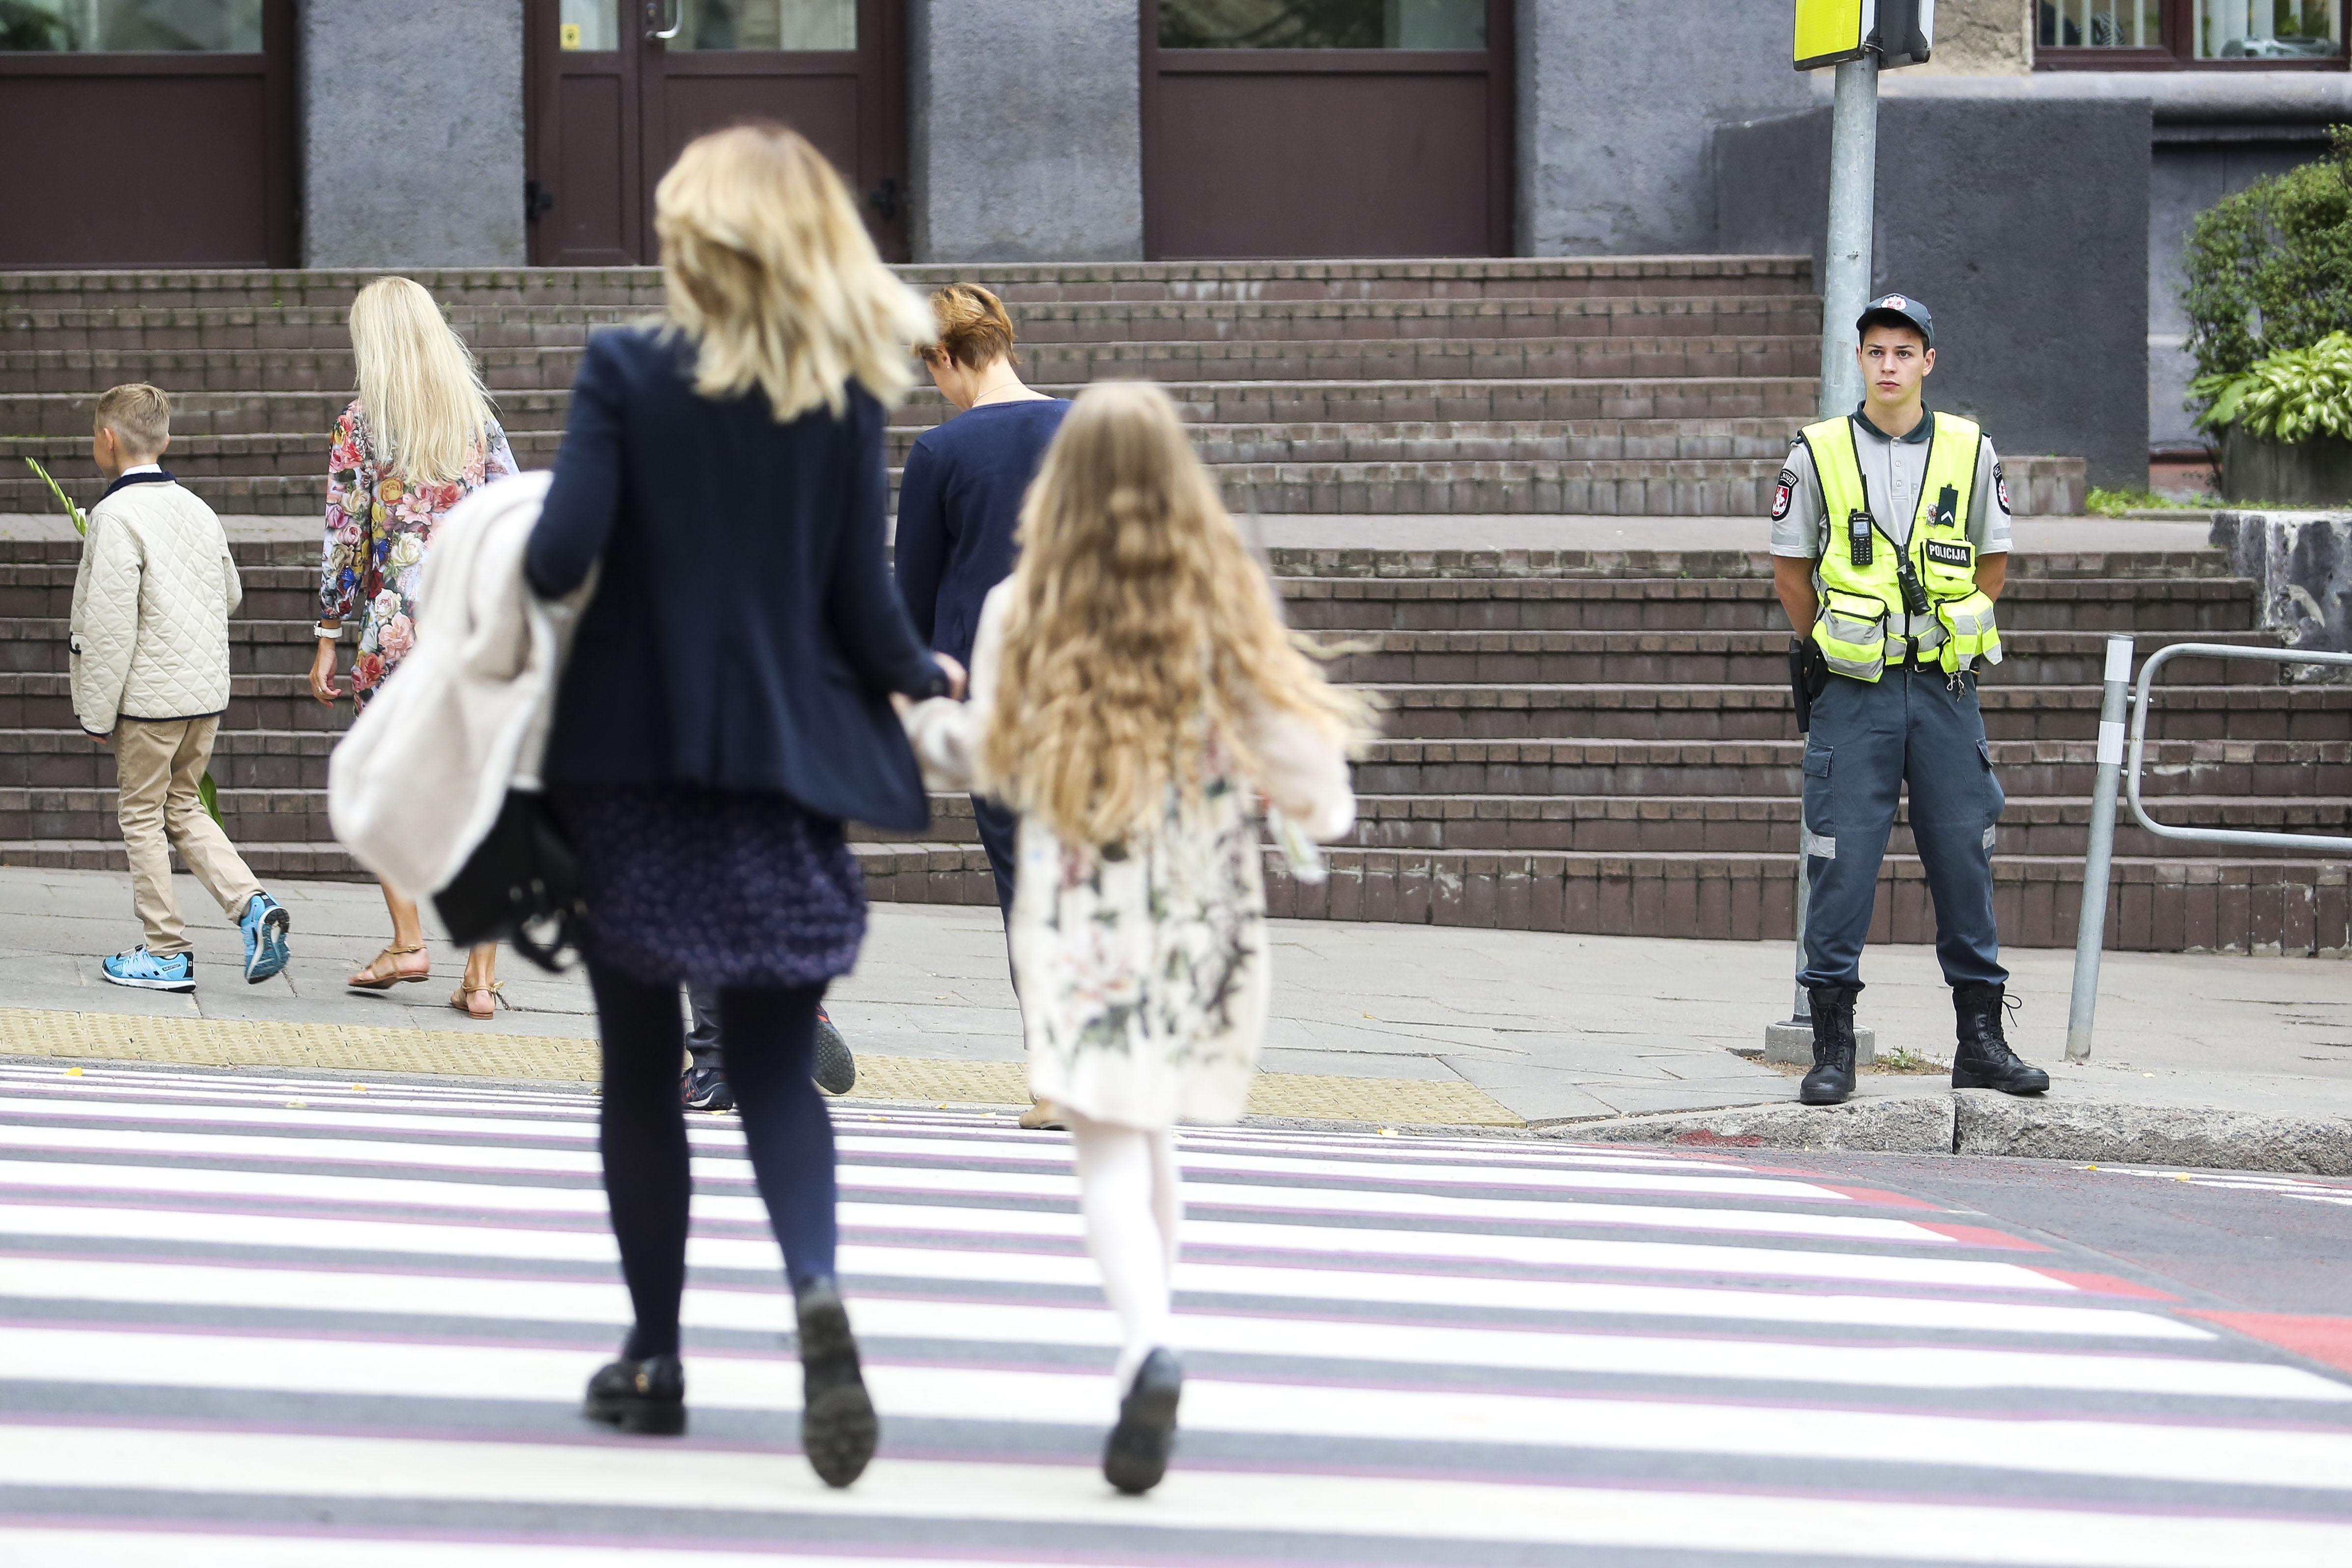 Pėsčiųjų perėja – tai ta vieta, kur kasmet nukenčia didelis skaičius pėsčiųjų. Pastarieji turi suprasti, kad pėsčiųjų perėja kirsti važiuojamąją dalį galima tik įsitikinus, kad tai daryti yra saugu. / BNS nuotr.